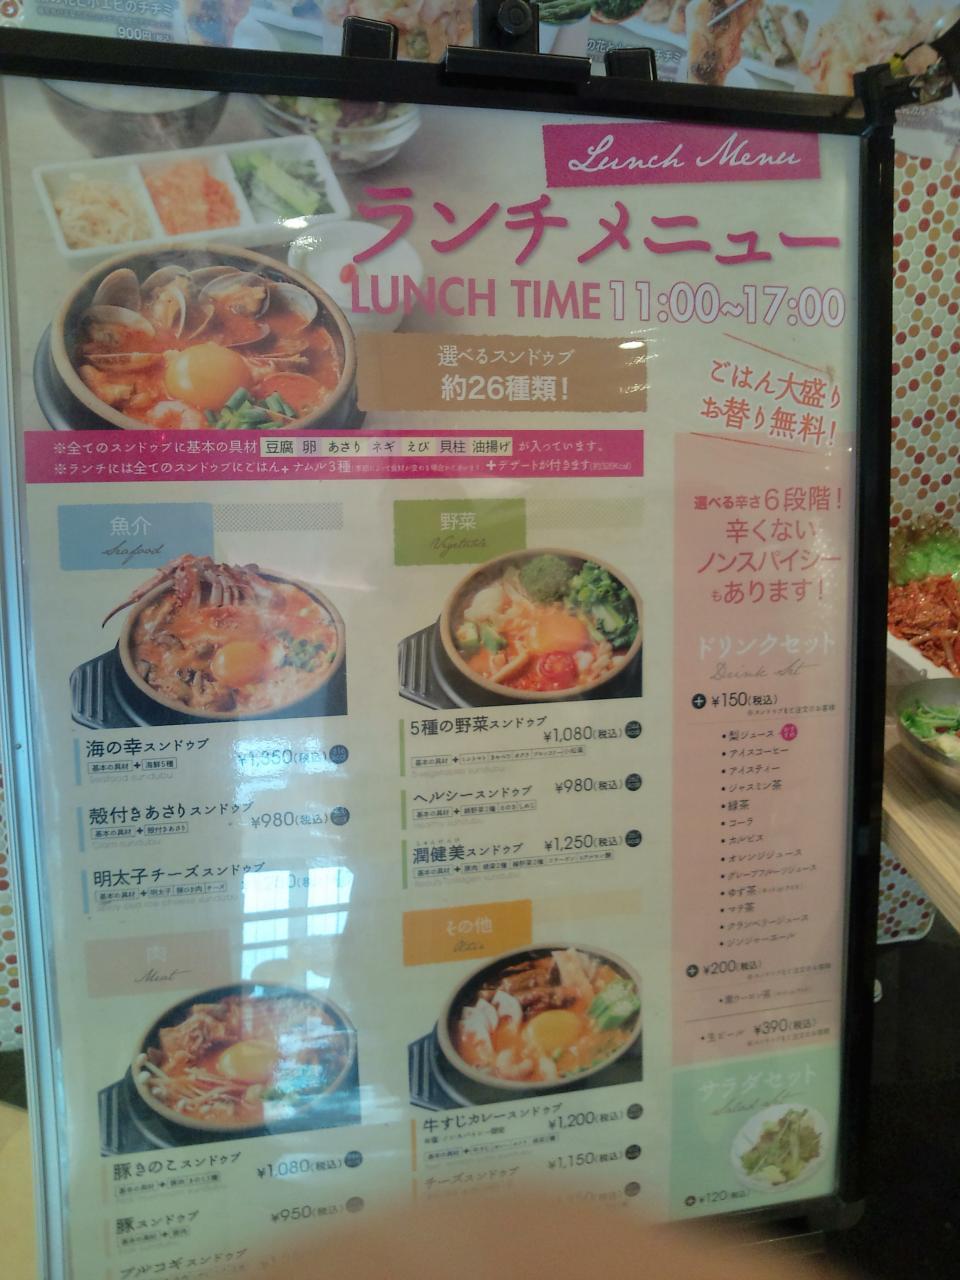 東京純豆腐ノクティプラザ店(店舗外観)